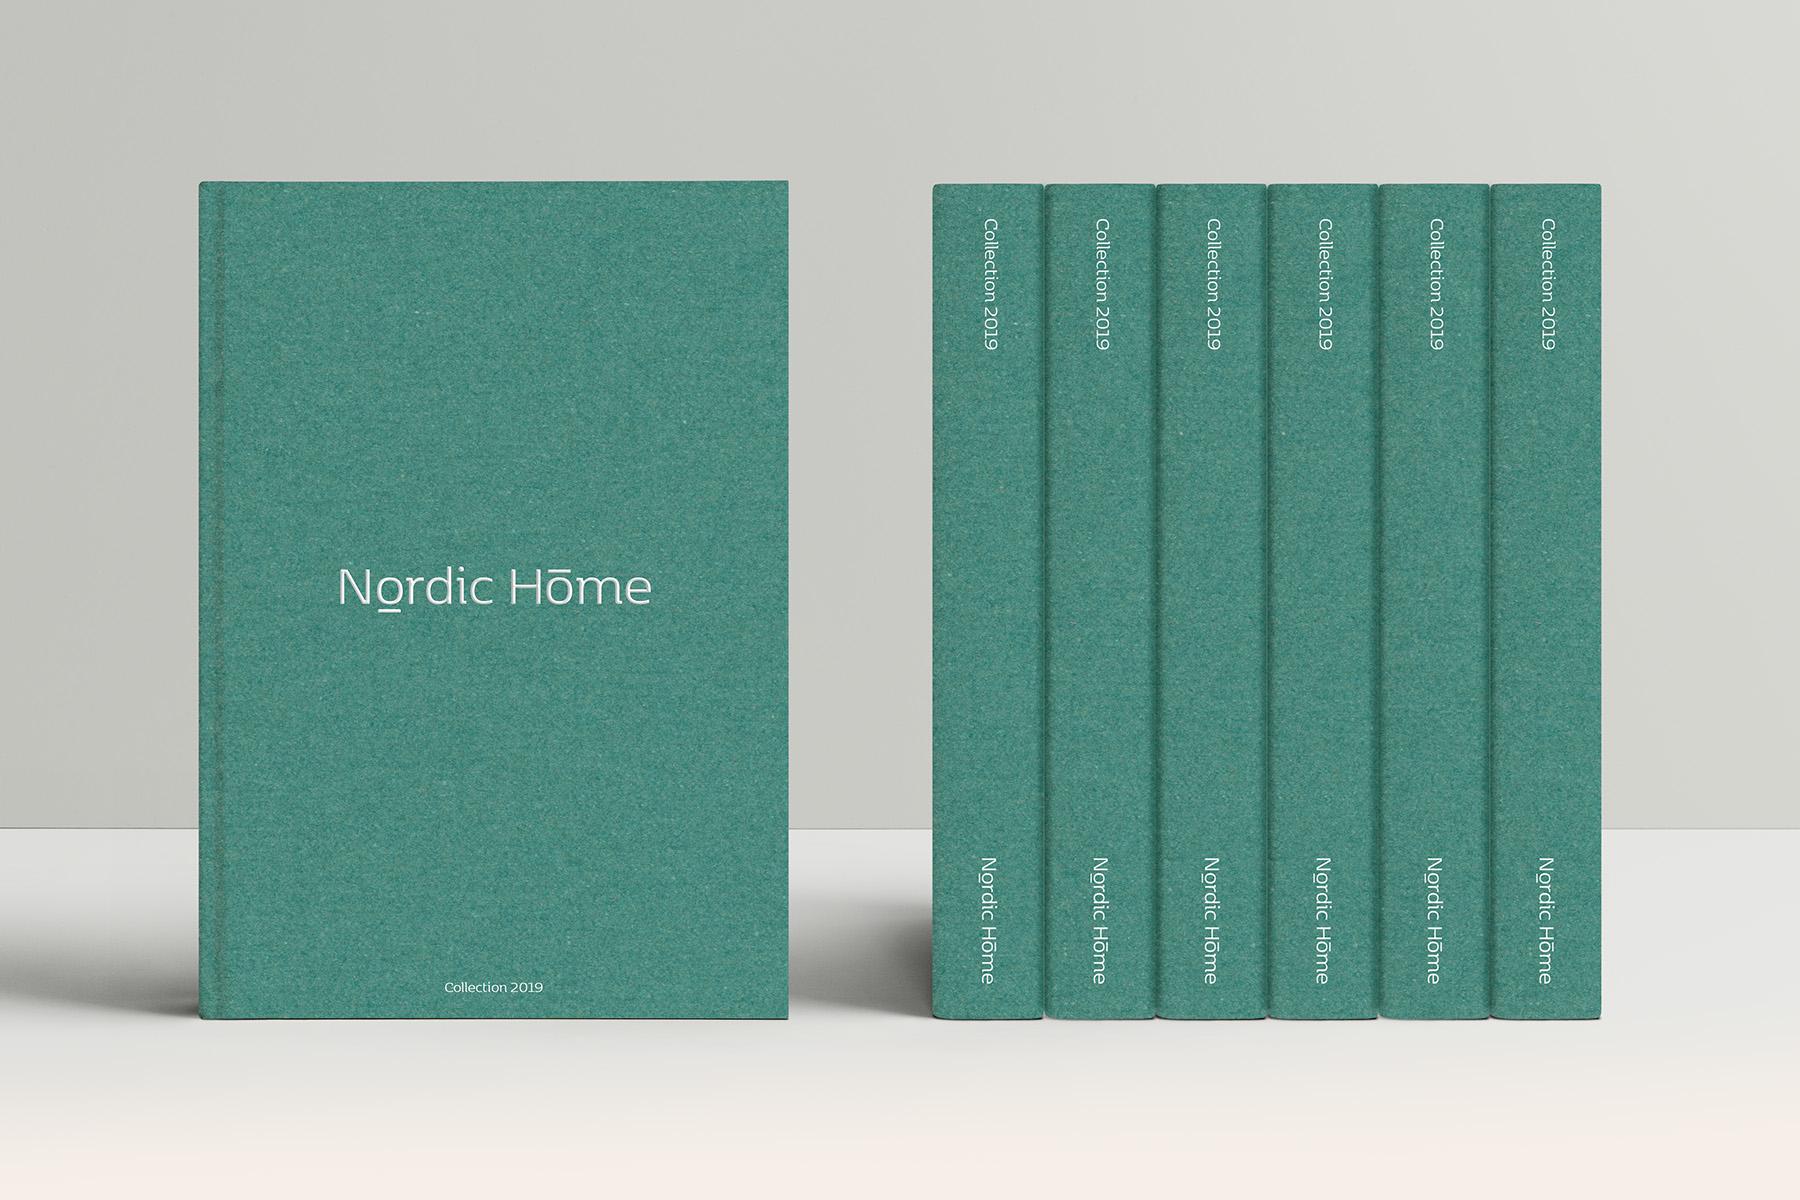 NordicHome_EskildHansen_03